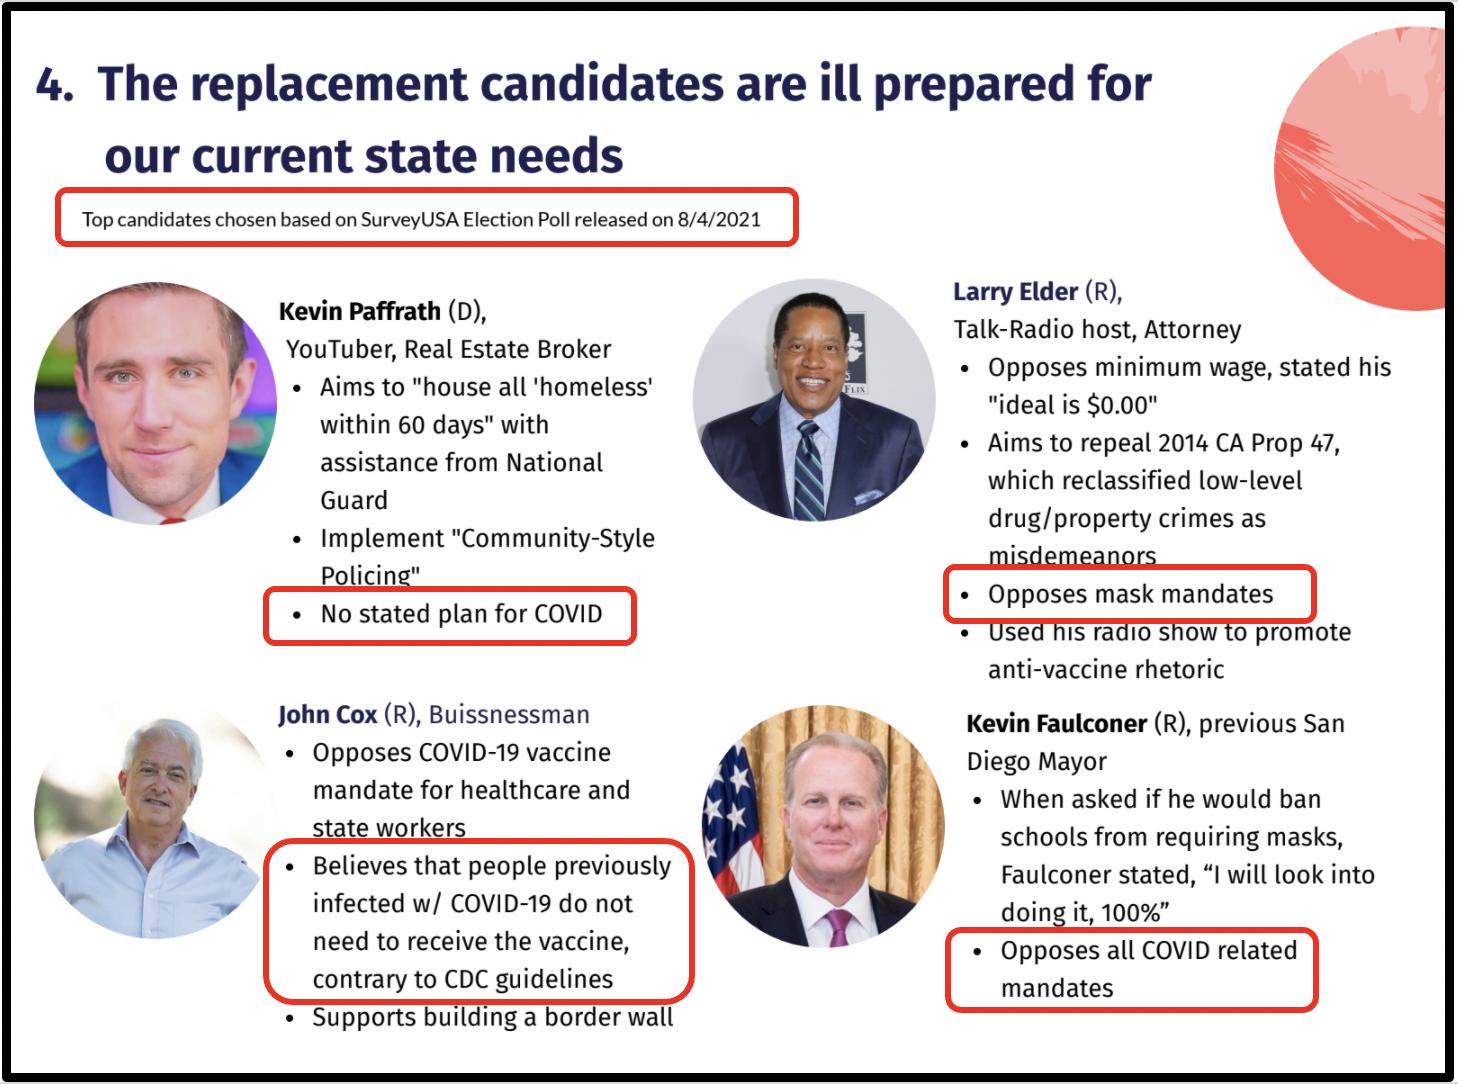 Top Republican candidates are ill prepared to handle COVID healthcare